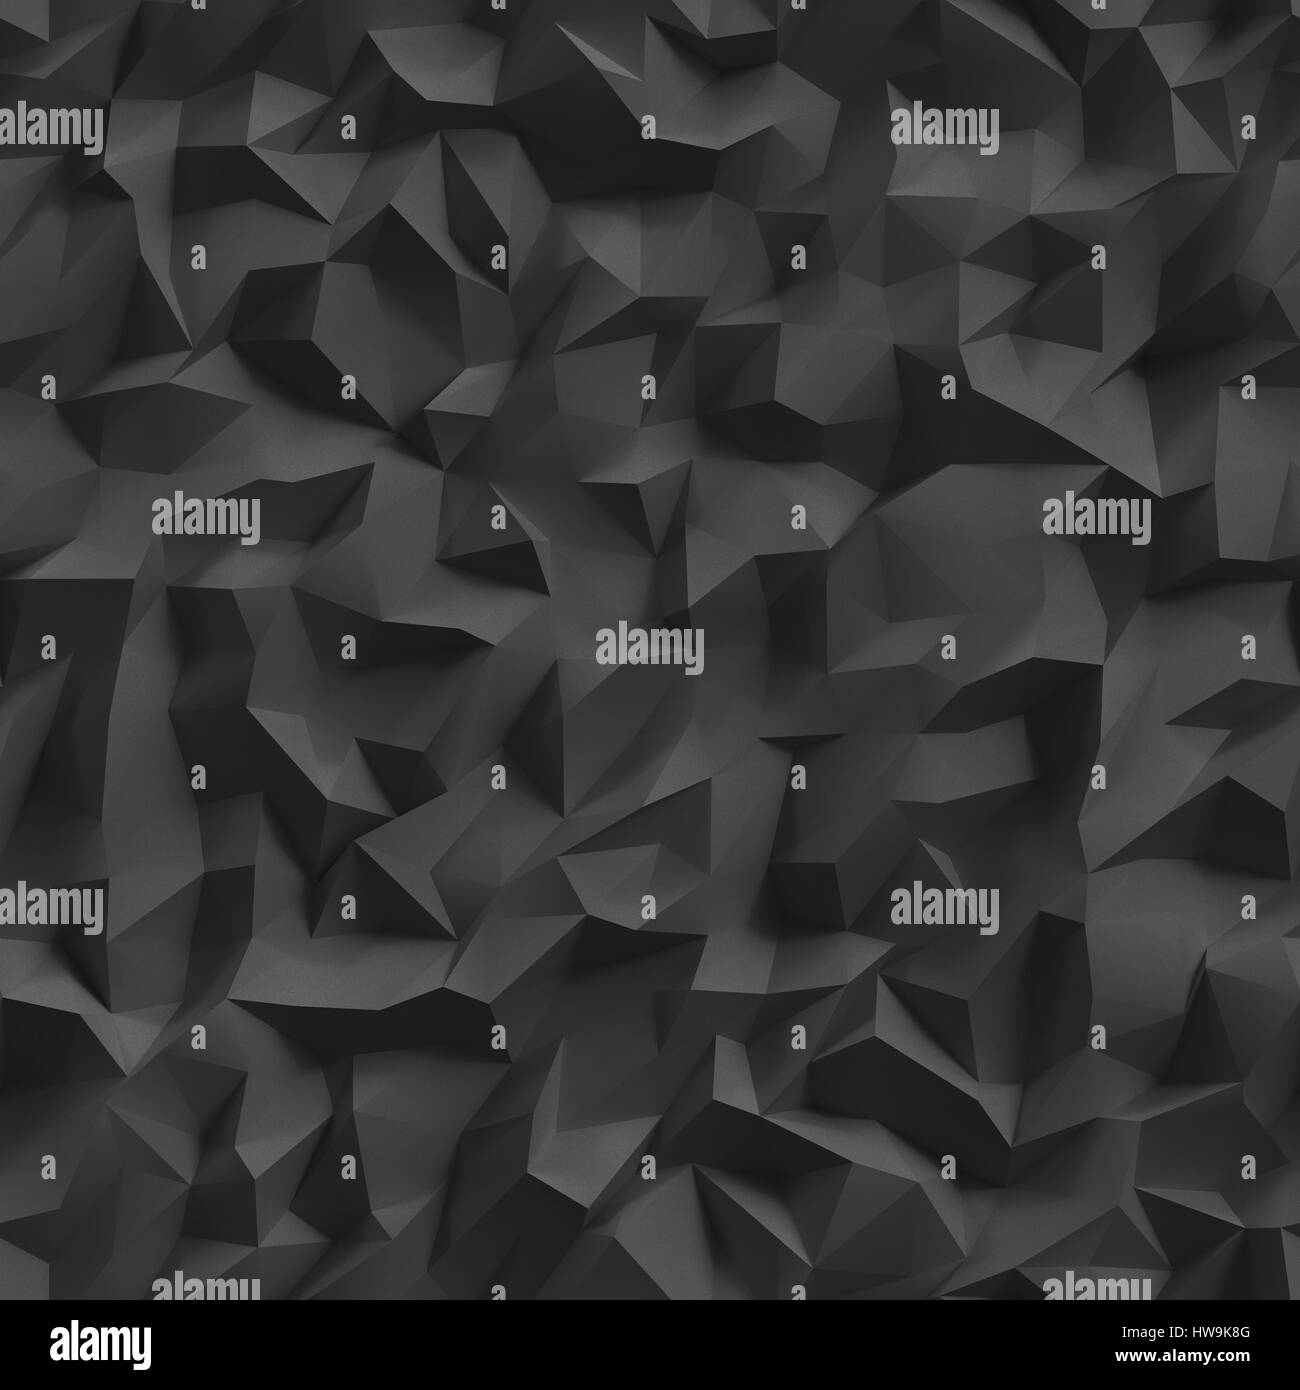 Poly Bas Fond Noir Neutre La Texture Numerique Polygonal Minimaliste Lelement De Conception Graphique Pour Affiche Decorative Carte Visite